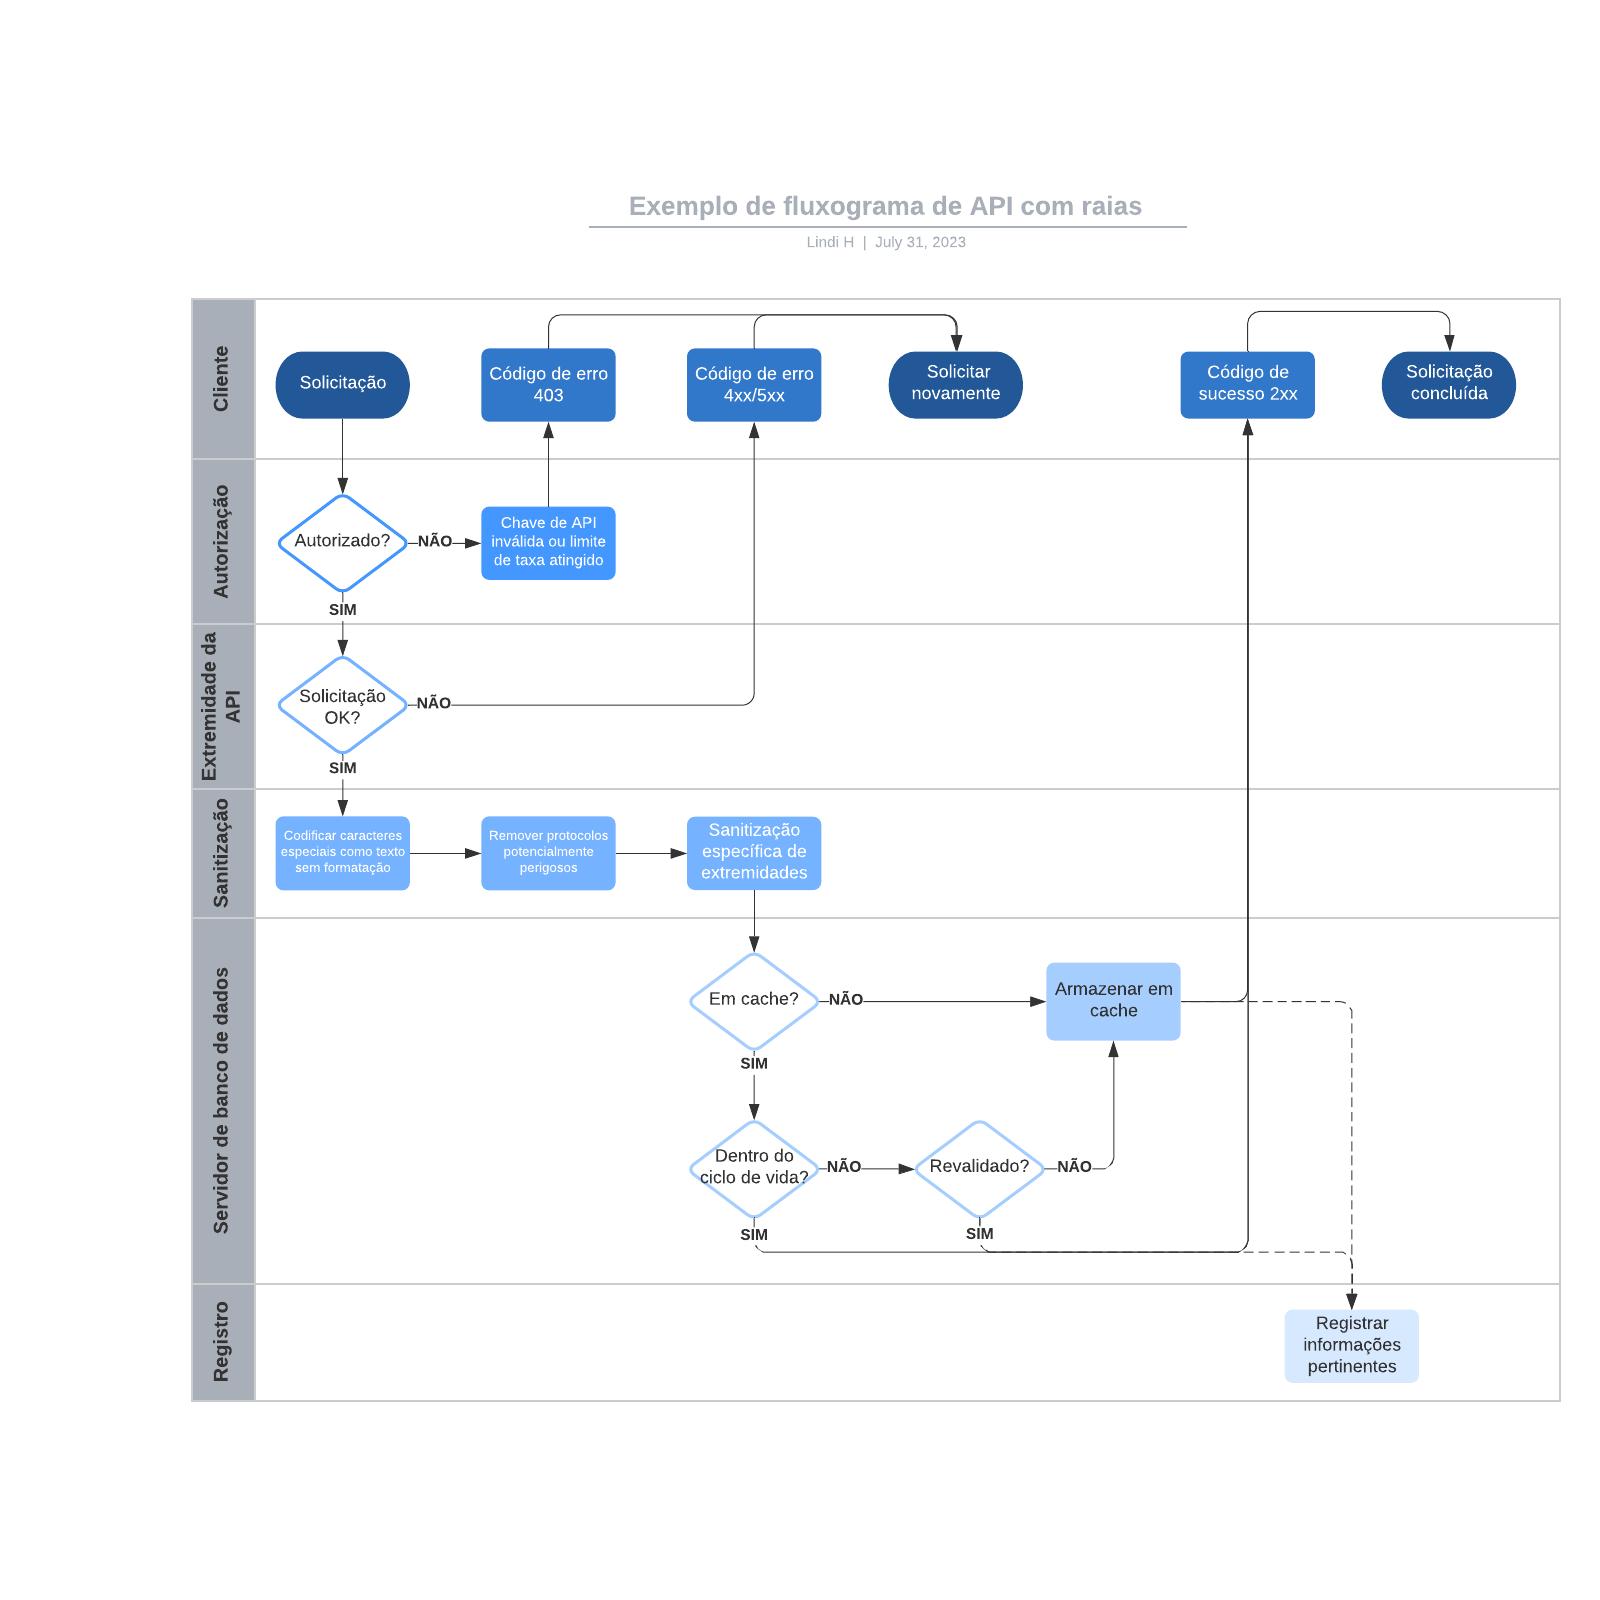 Exemplo de fluxograma de API com raias